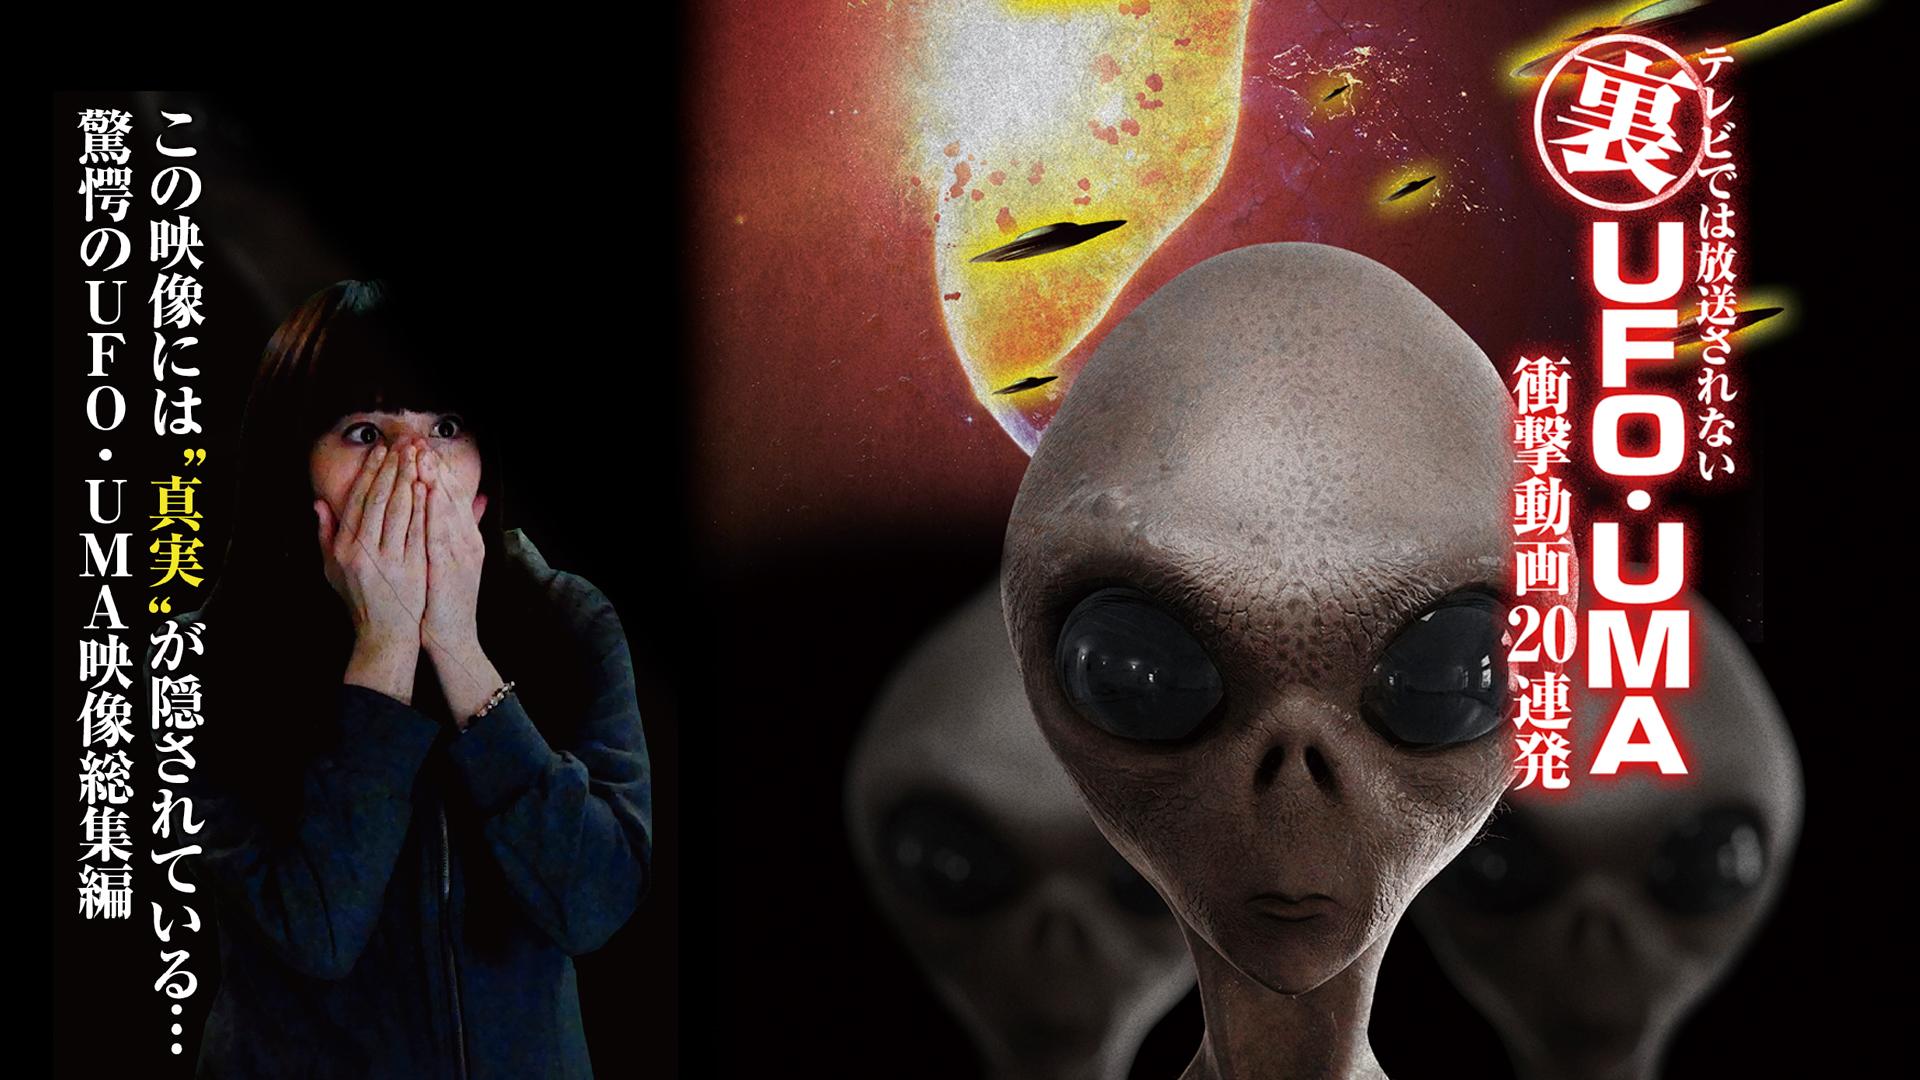 総省 米国 ufo 防